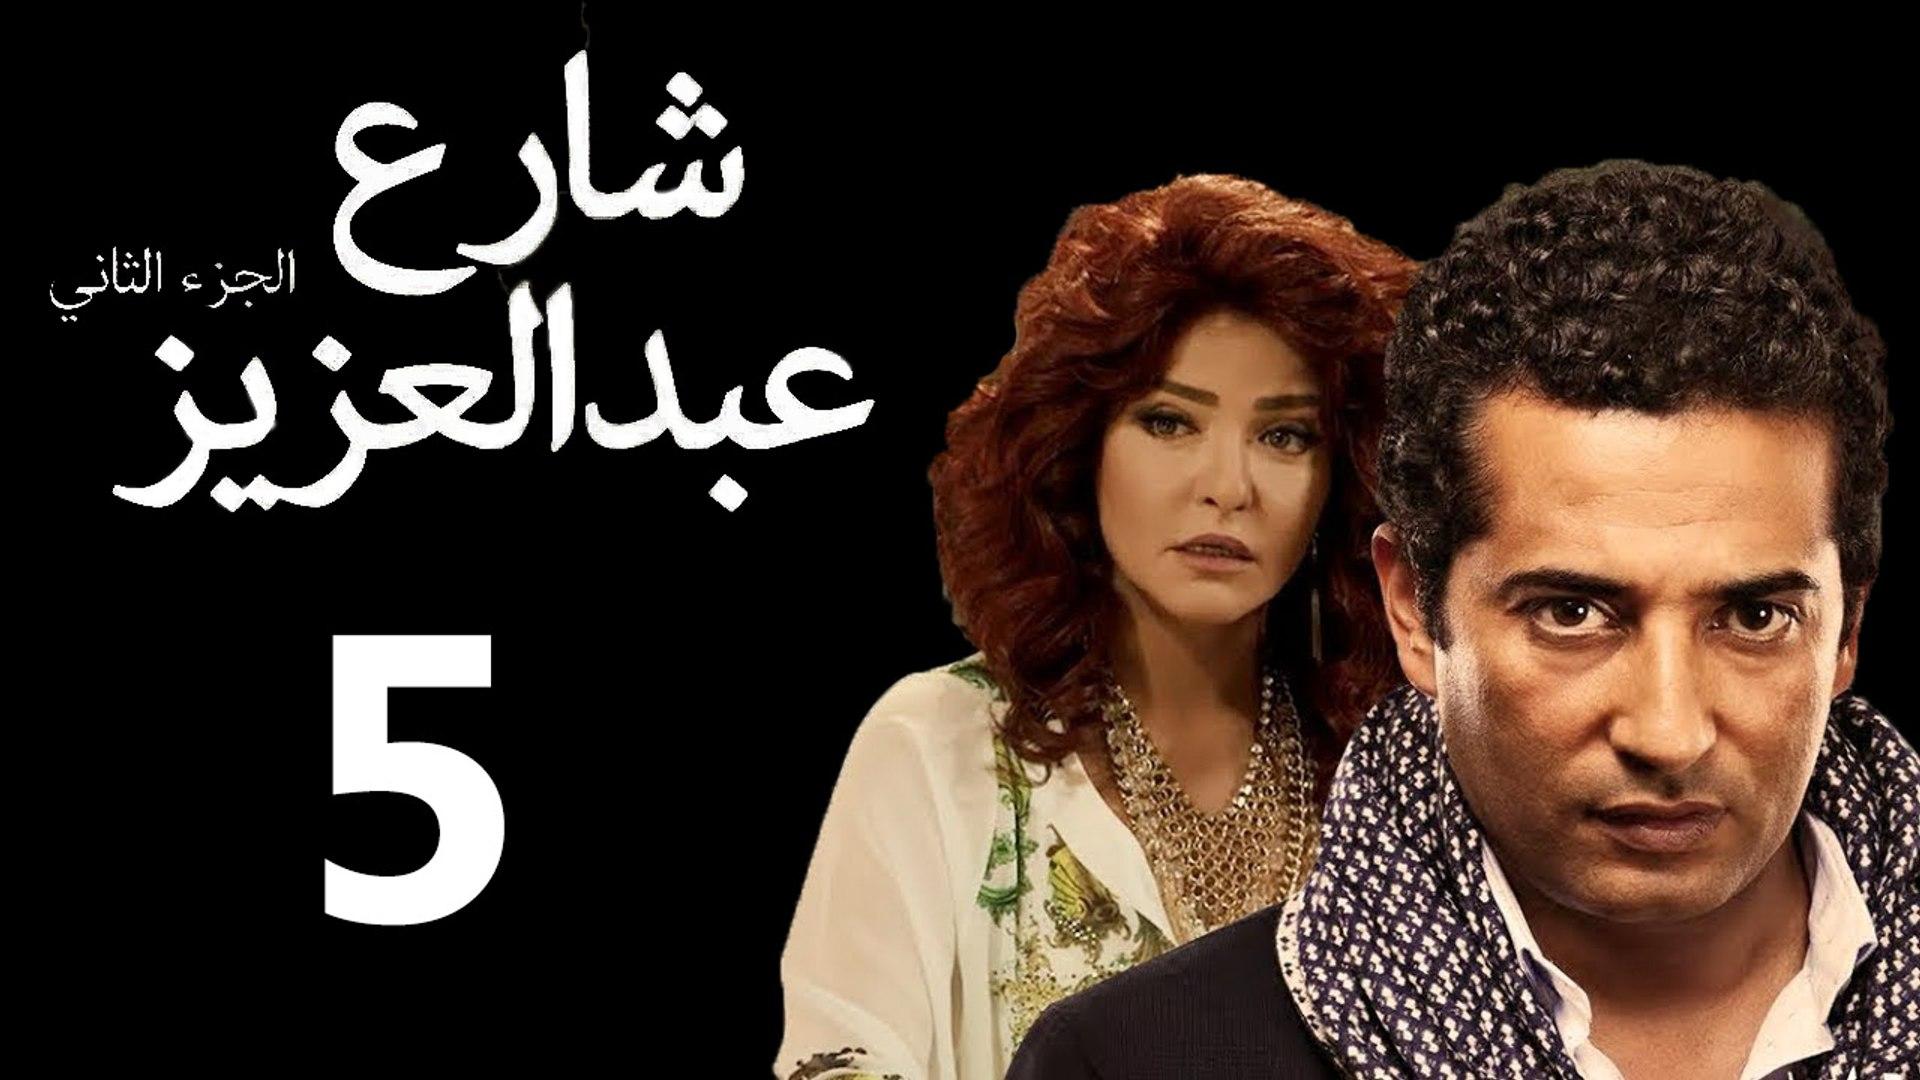 Share3 Abdalaziz 2 Ep5 مسلسل شارع عبد العزيز 2 الحلقة الخامسة